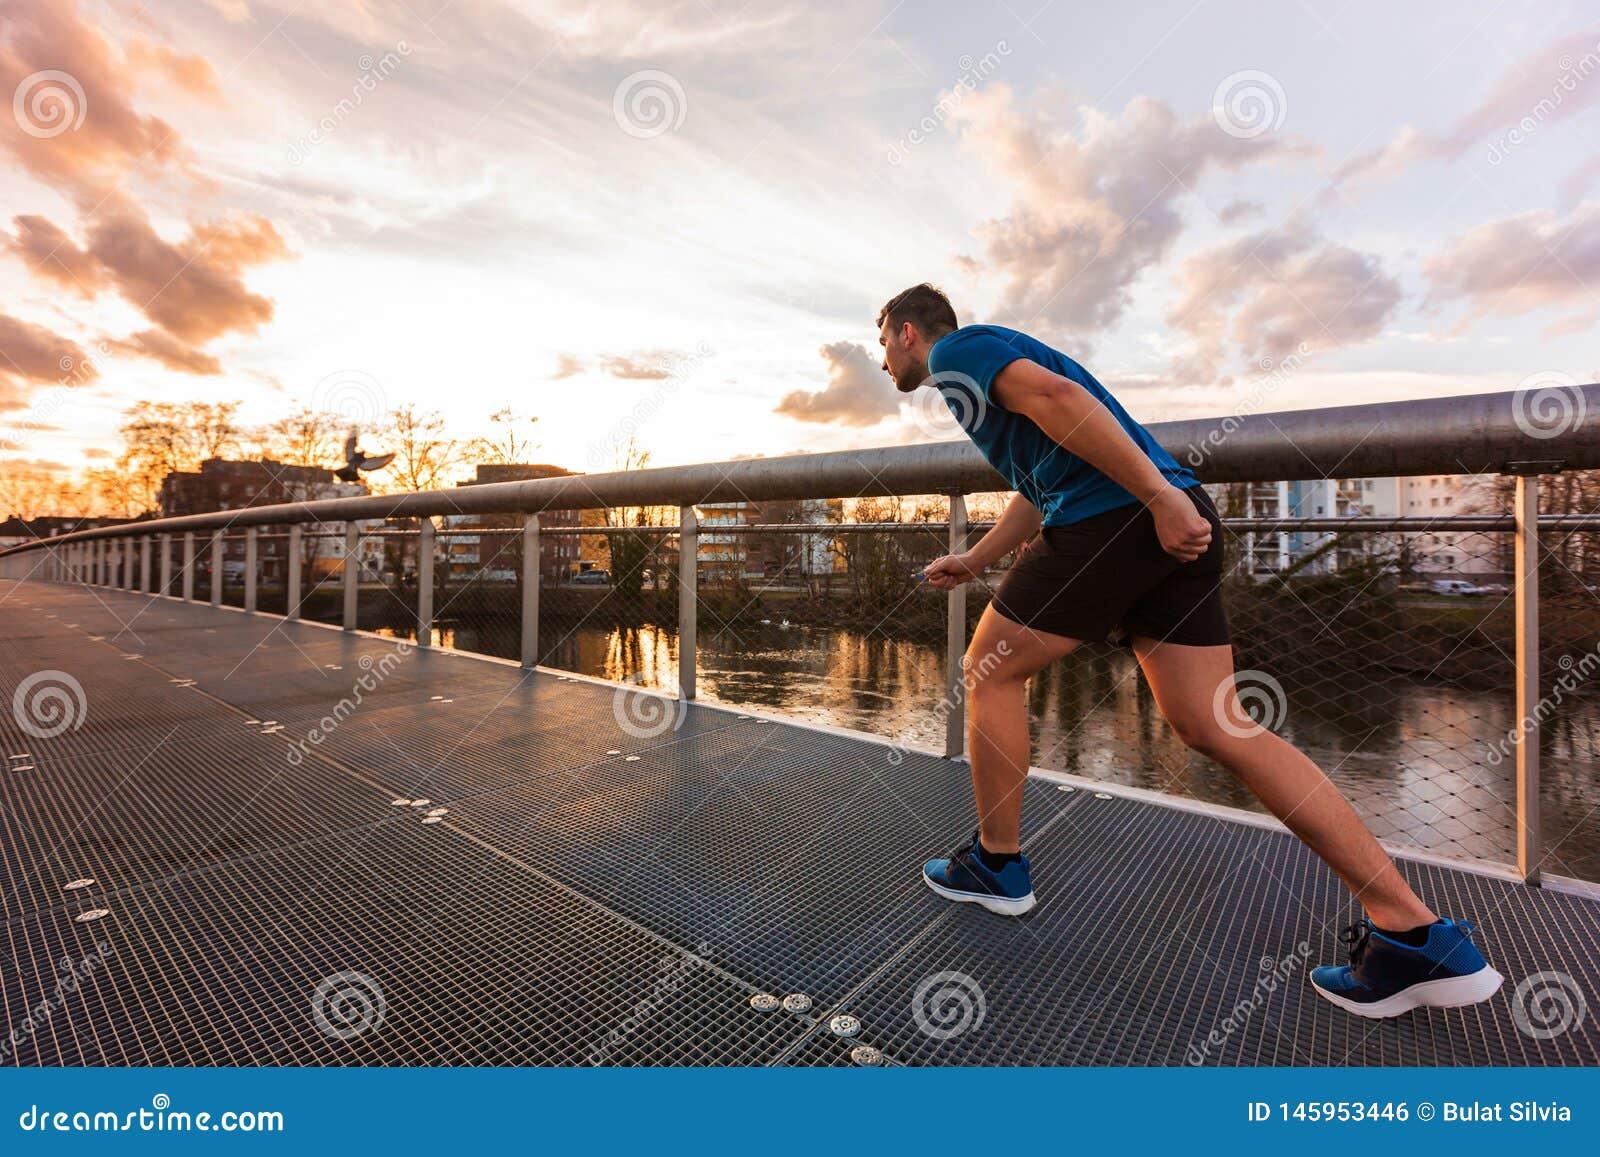 Den unga idrotts- mannen förbereder sig för sprintar kört